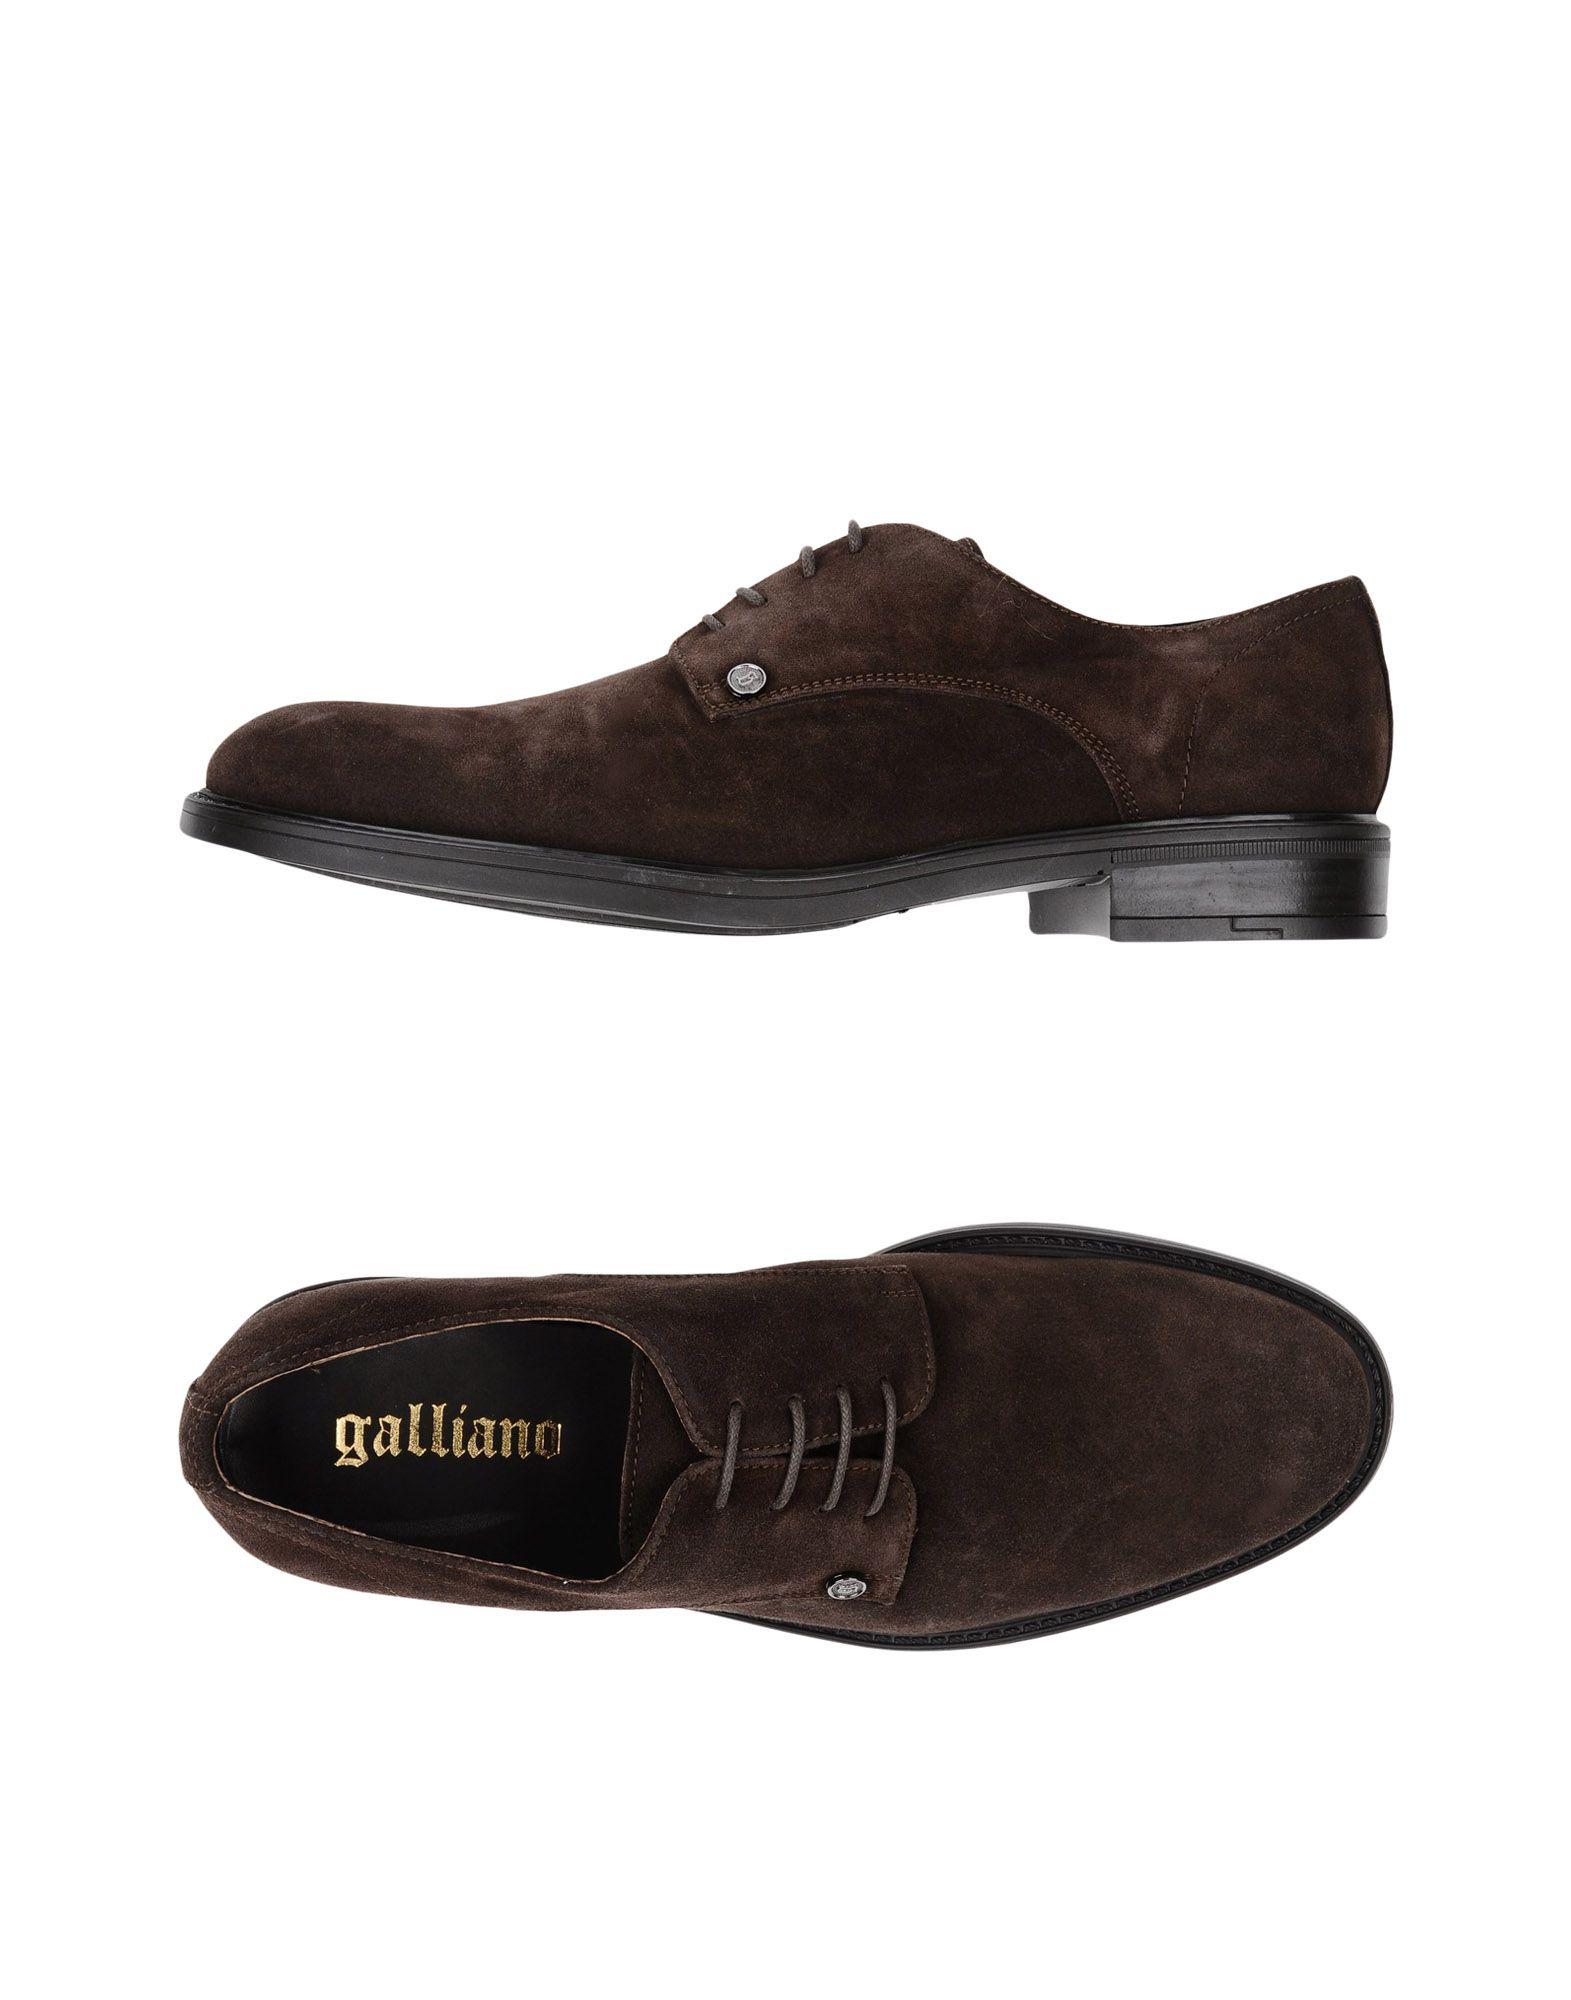 Galliano Schnürschuhe 11336162UC Herren  11336162UC Schnürschuhe Heiße Schuhe 09519d